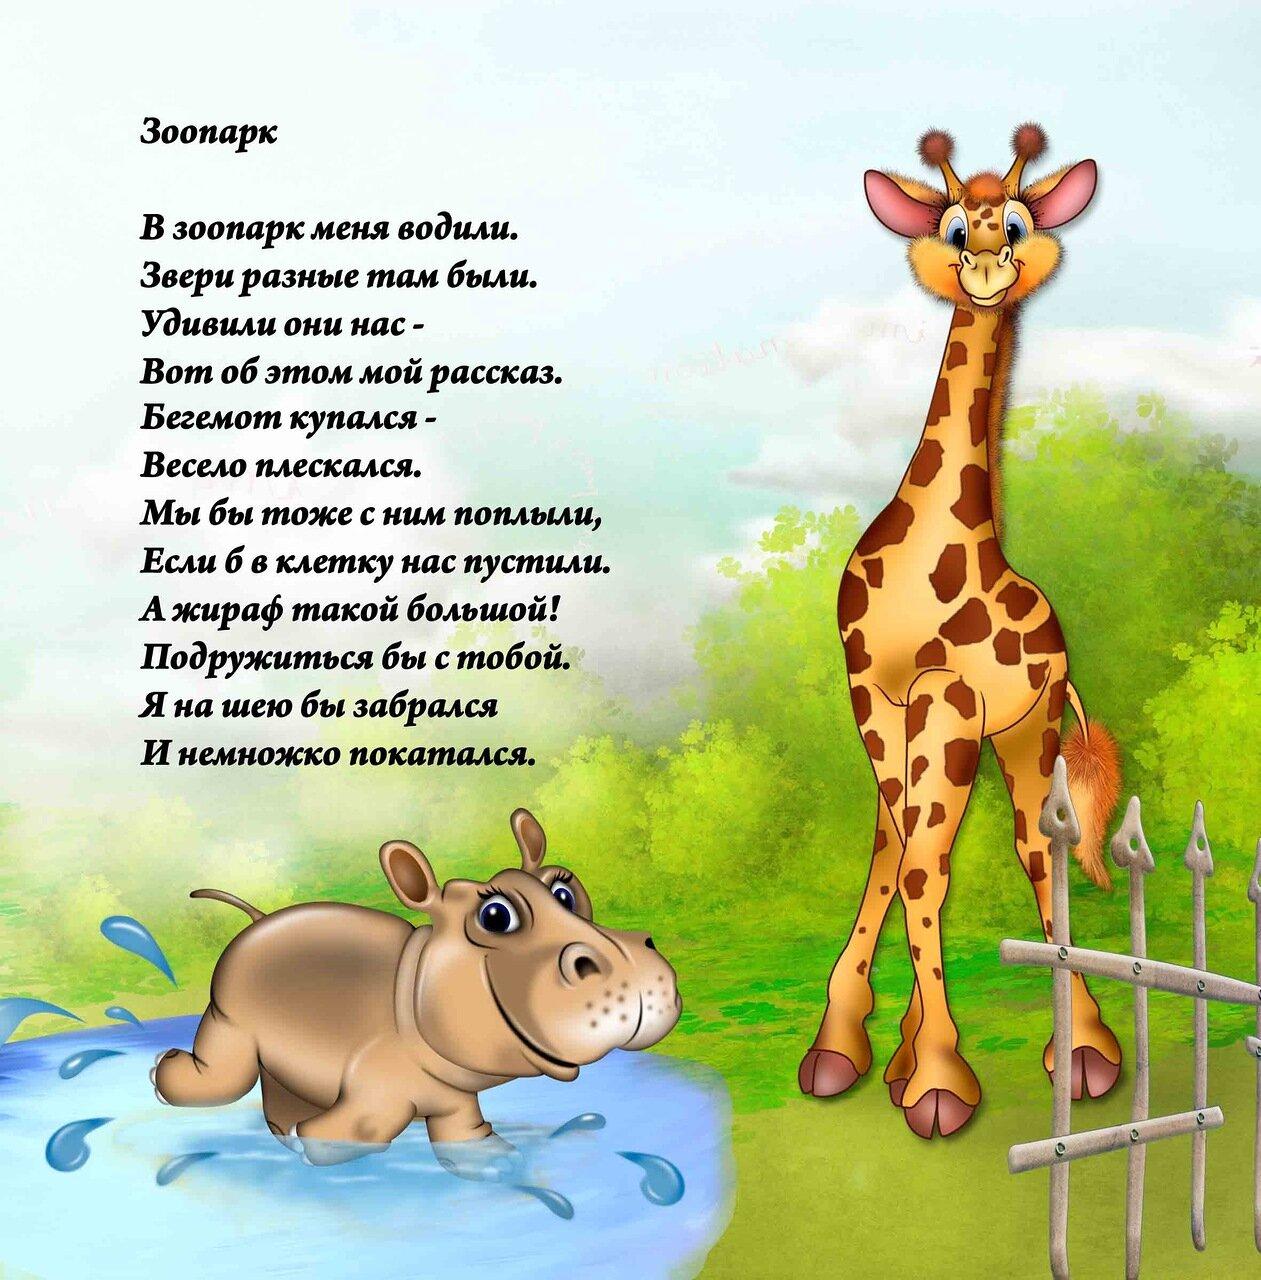 достаточно картинки диких животных и стихи образом, течение дня